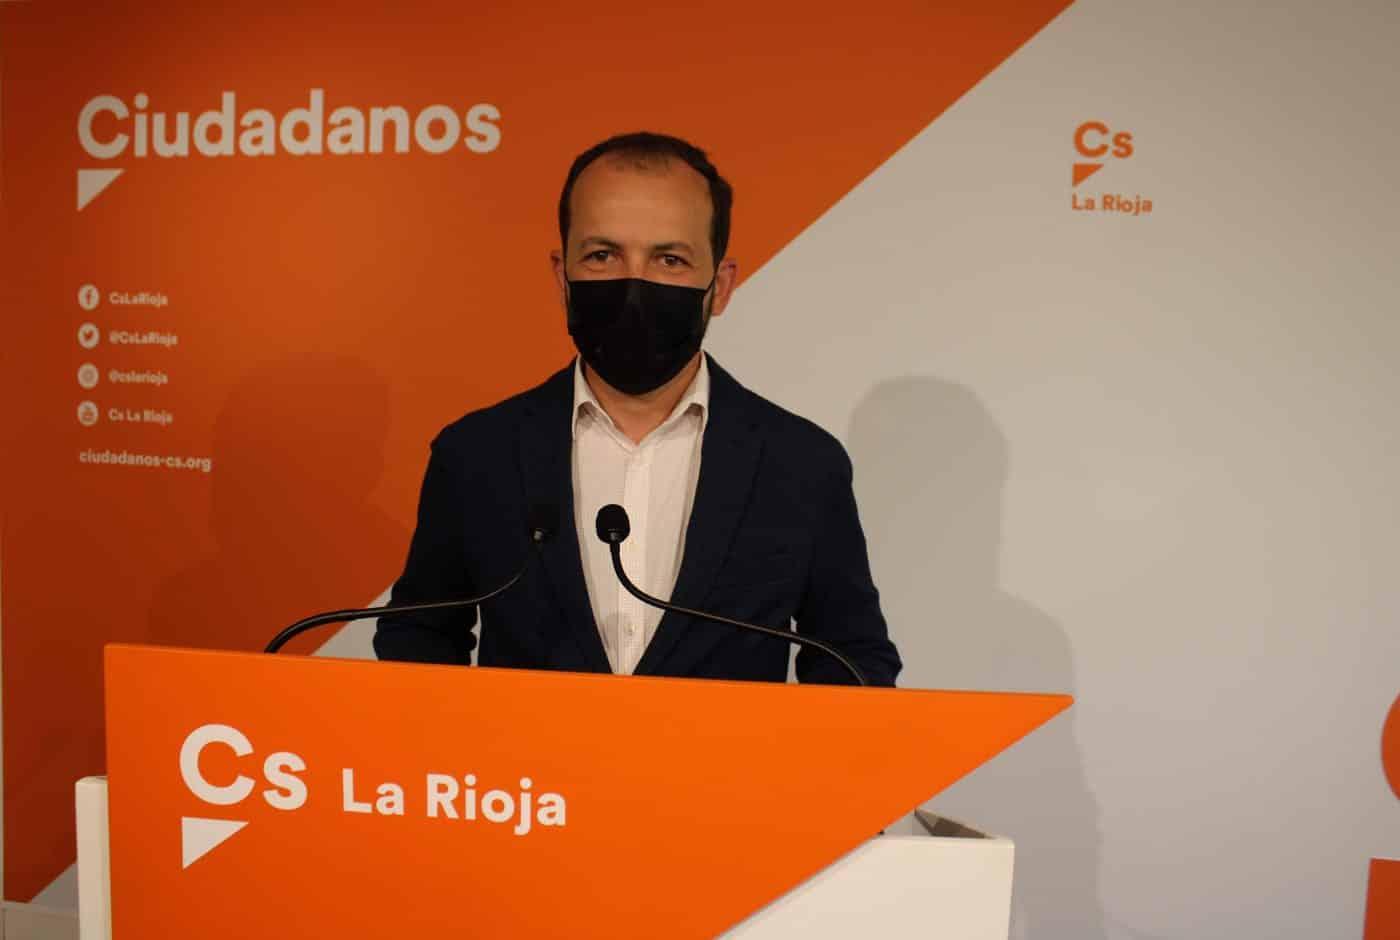 """Cs La Rioja considera que Andreu """"gobierna de espaldas a los sanitarios y a todos los riojanos"""" 1"""